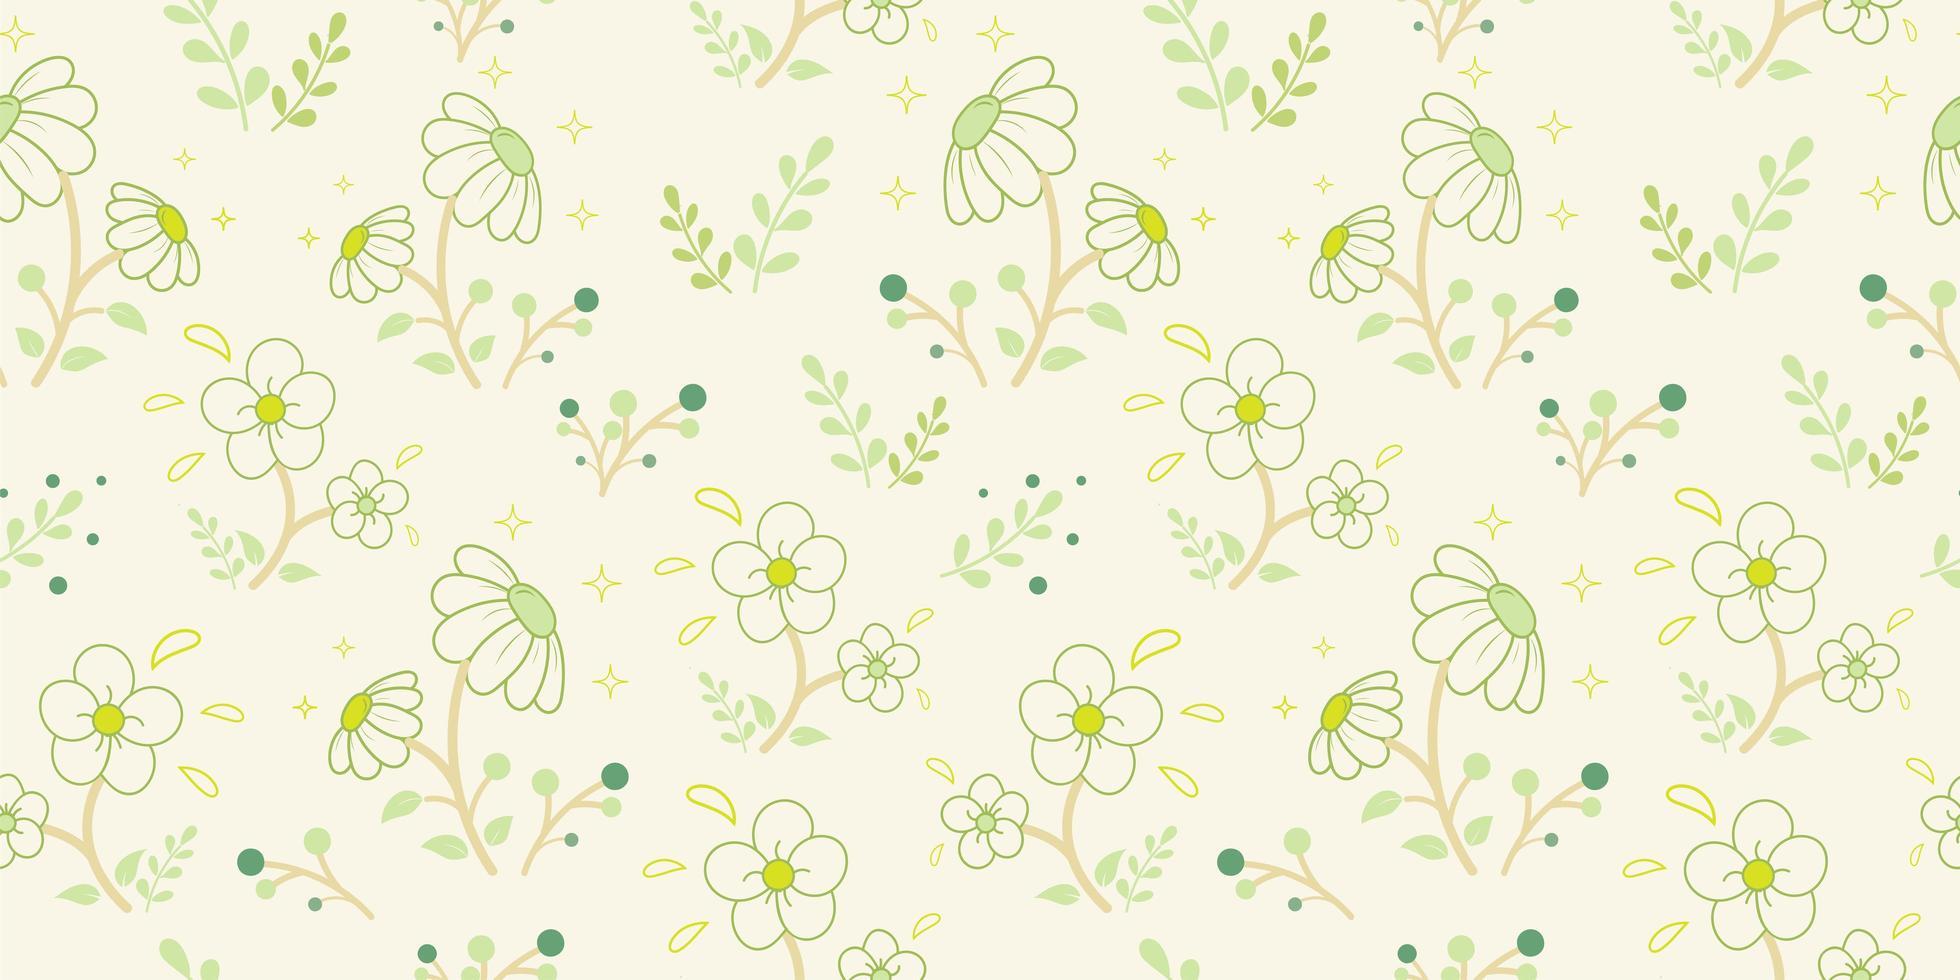 vita blommor med gröna knoppmönster vektor